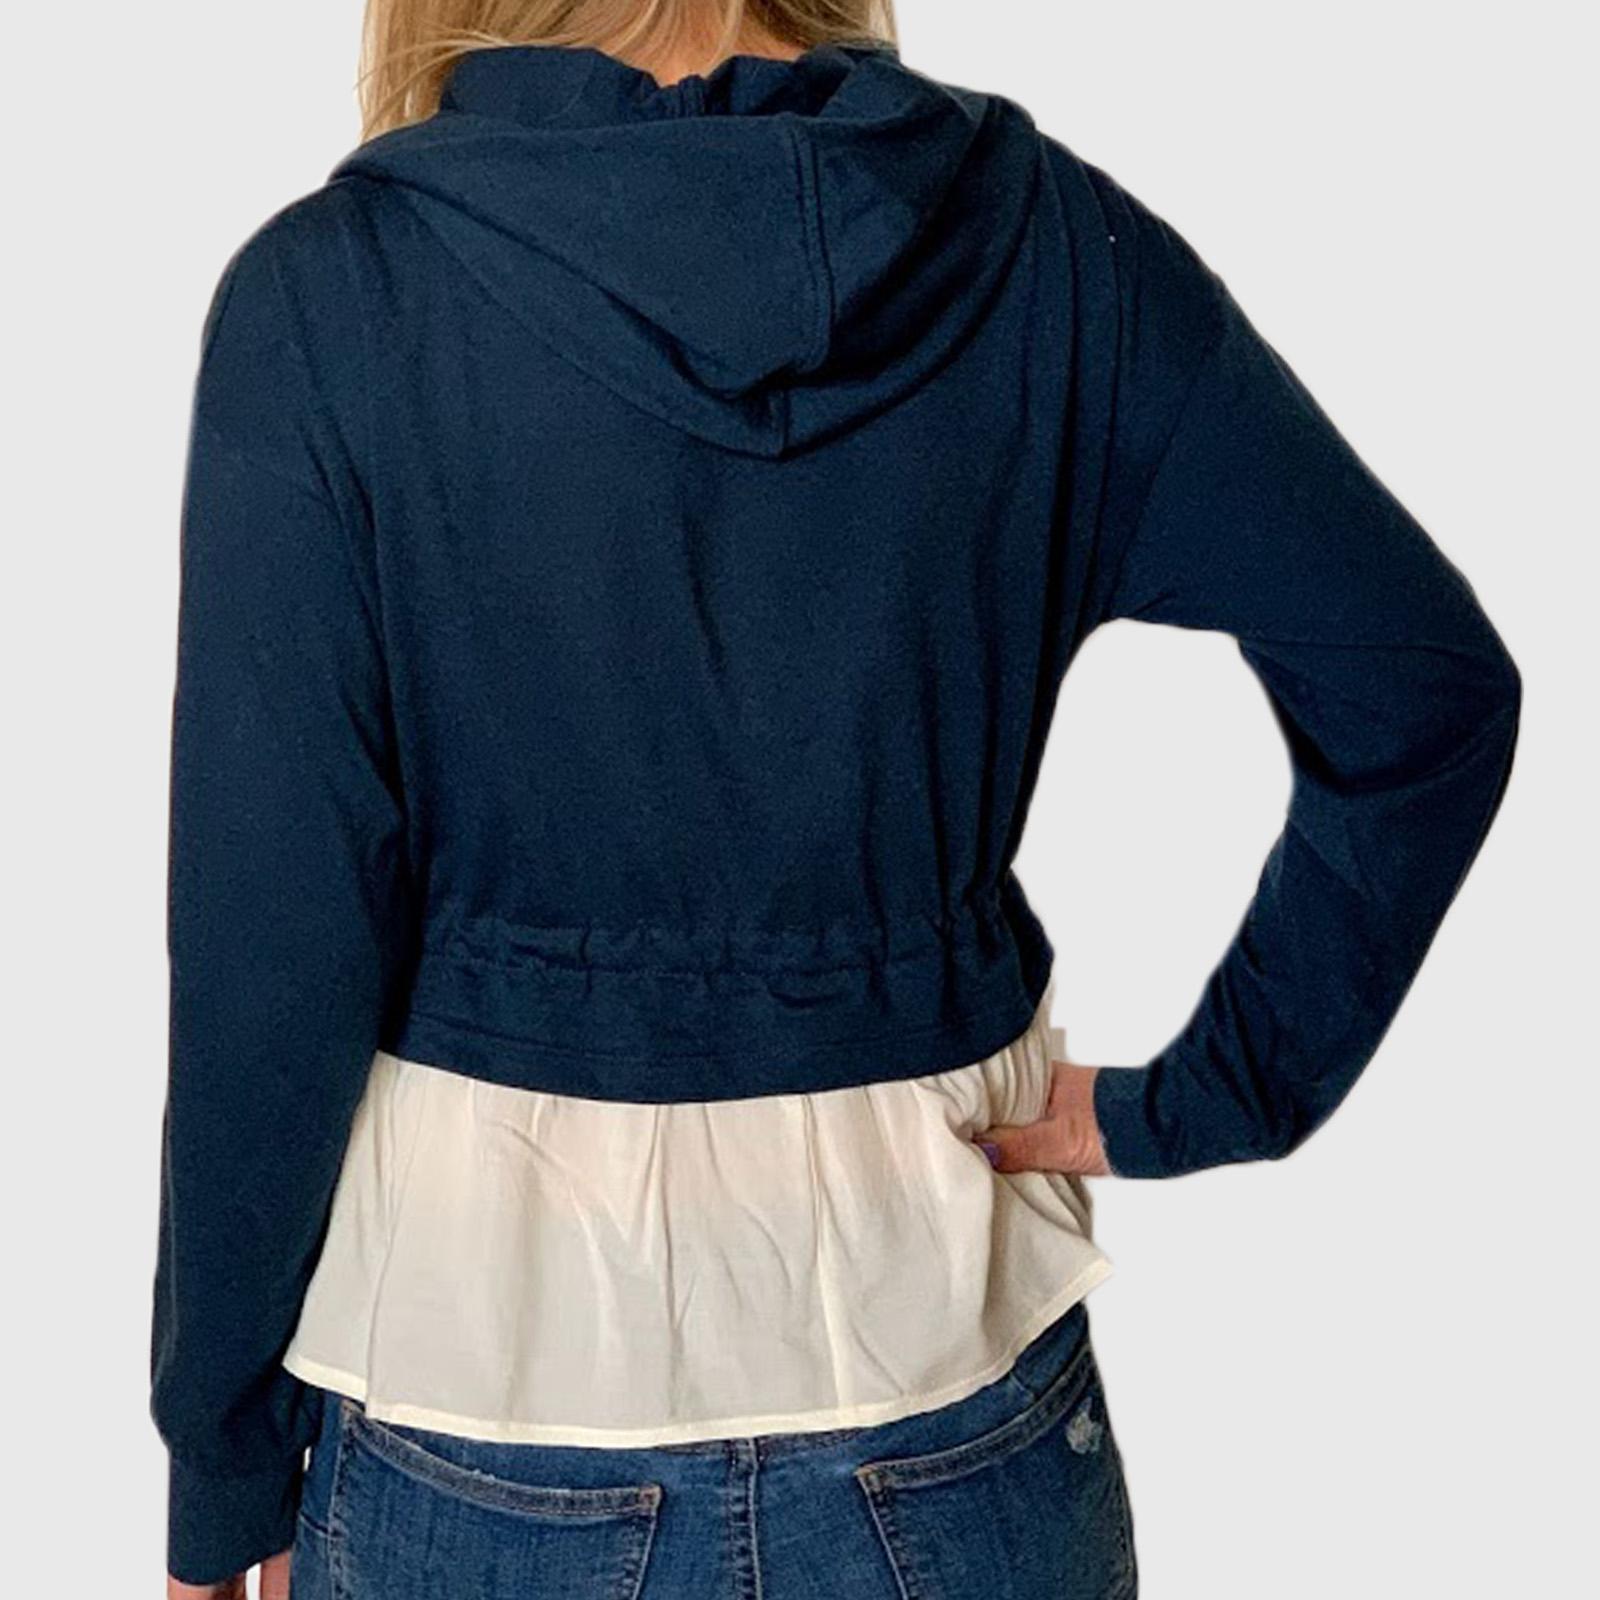 Купить в интернет магазине молодежную женскую кофту необычного фасона